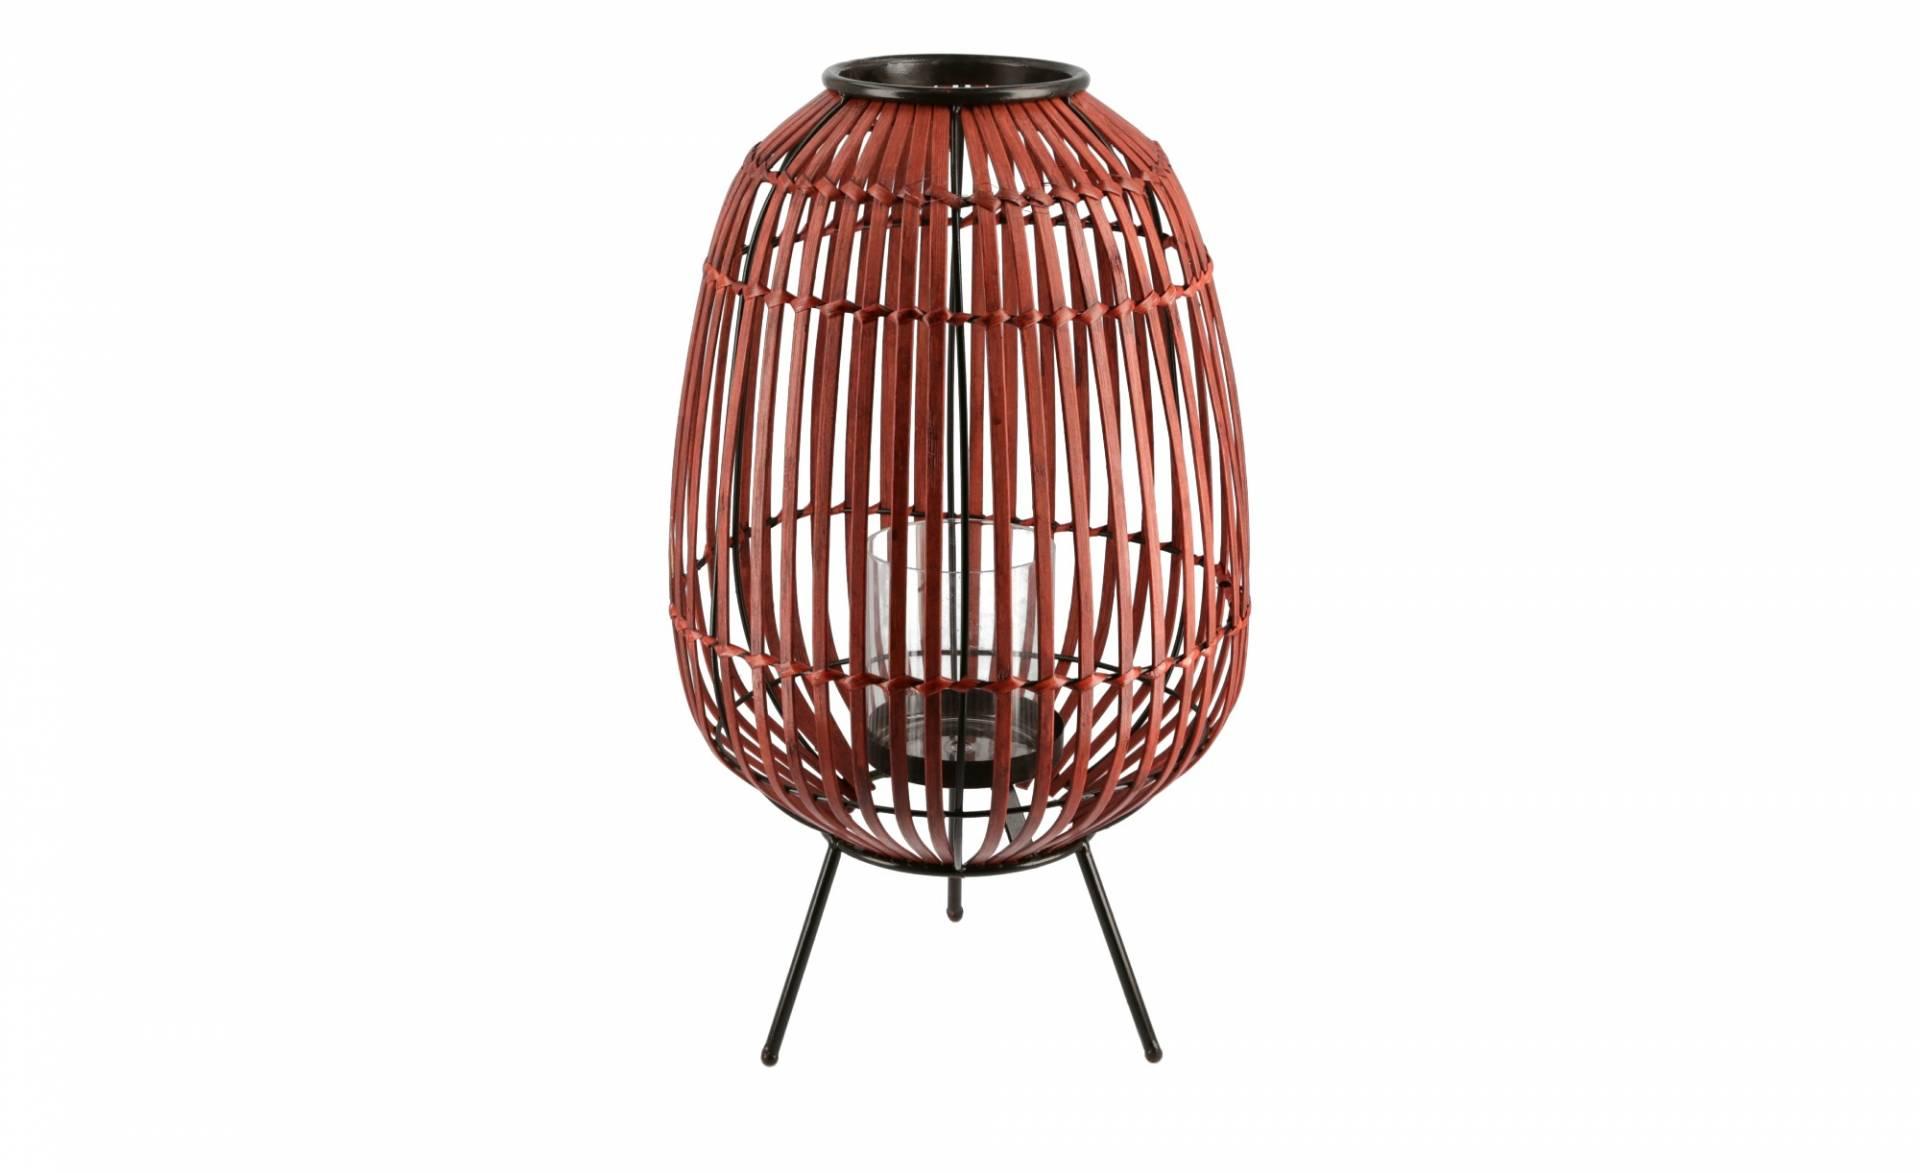 Lampion Rot 50cm Durchmesser Laterne 1 Stück Stimmungslicht Party Dekoration